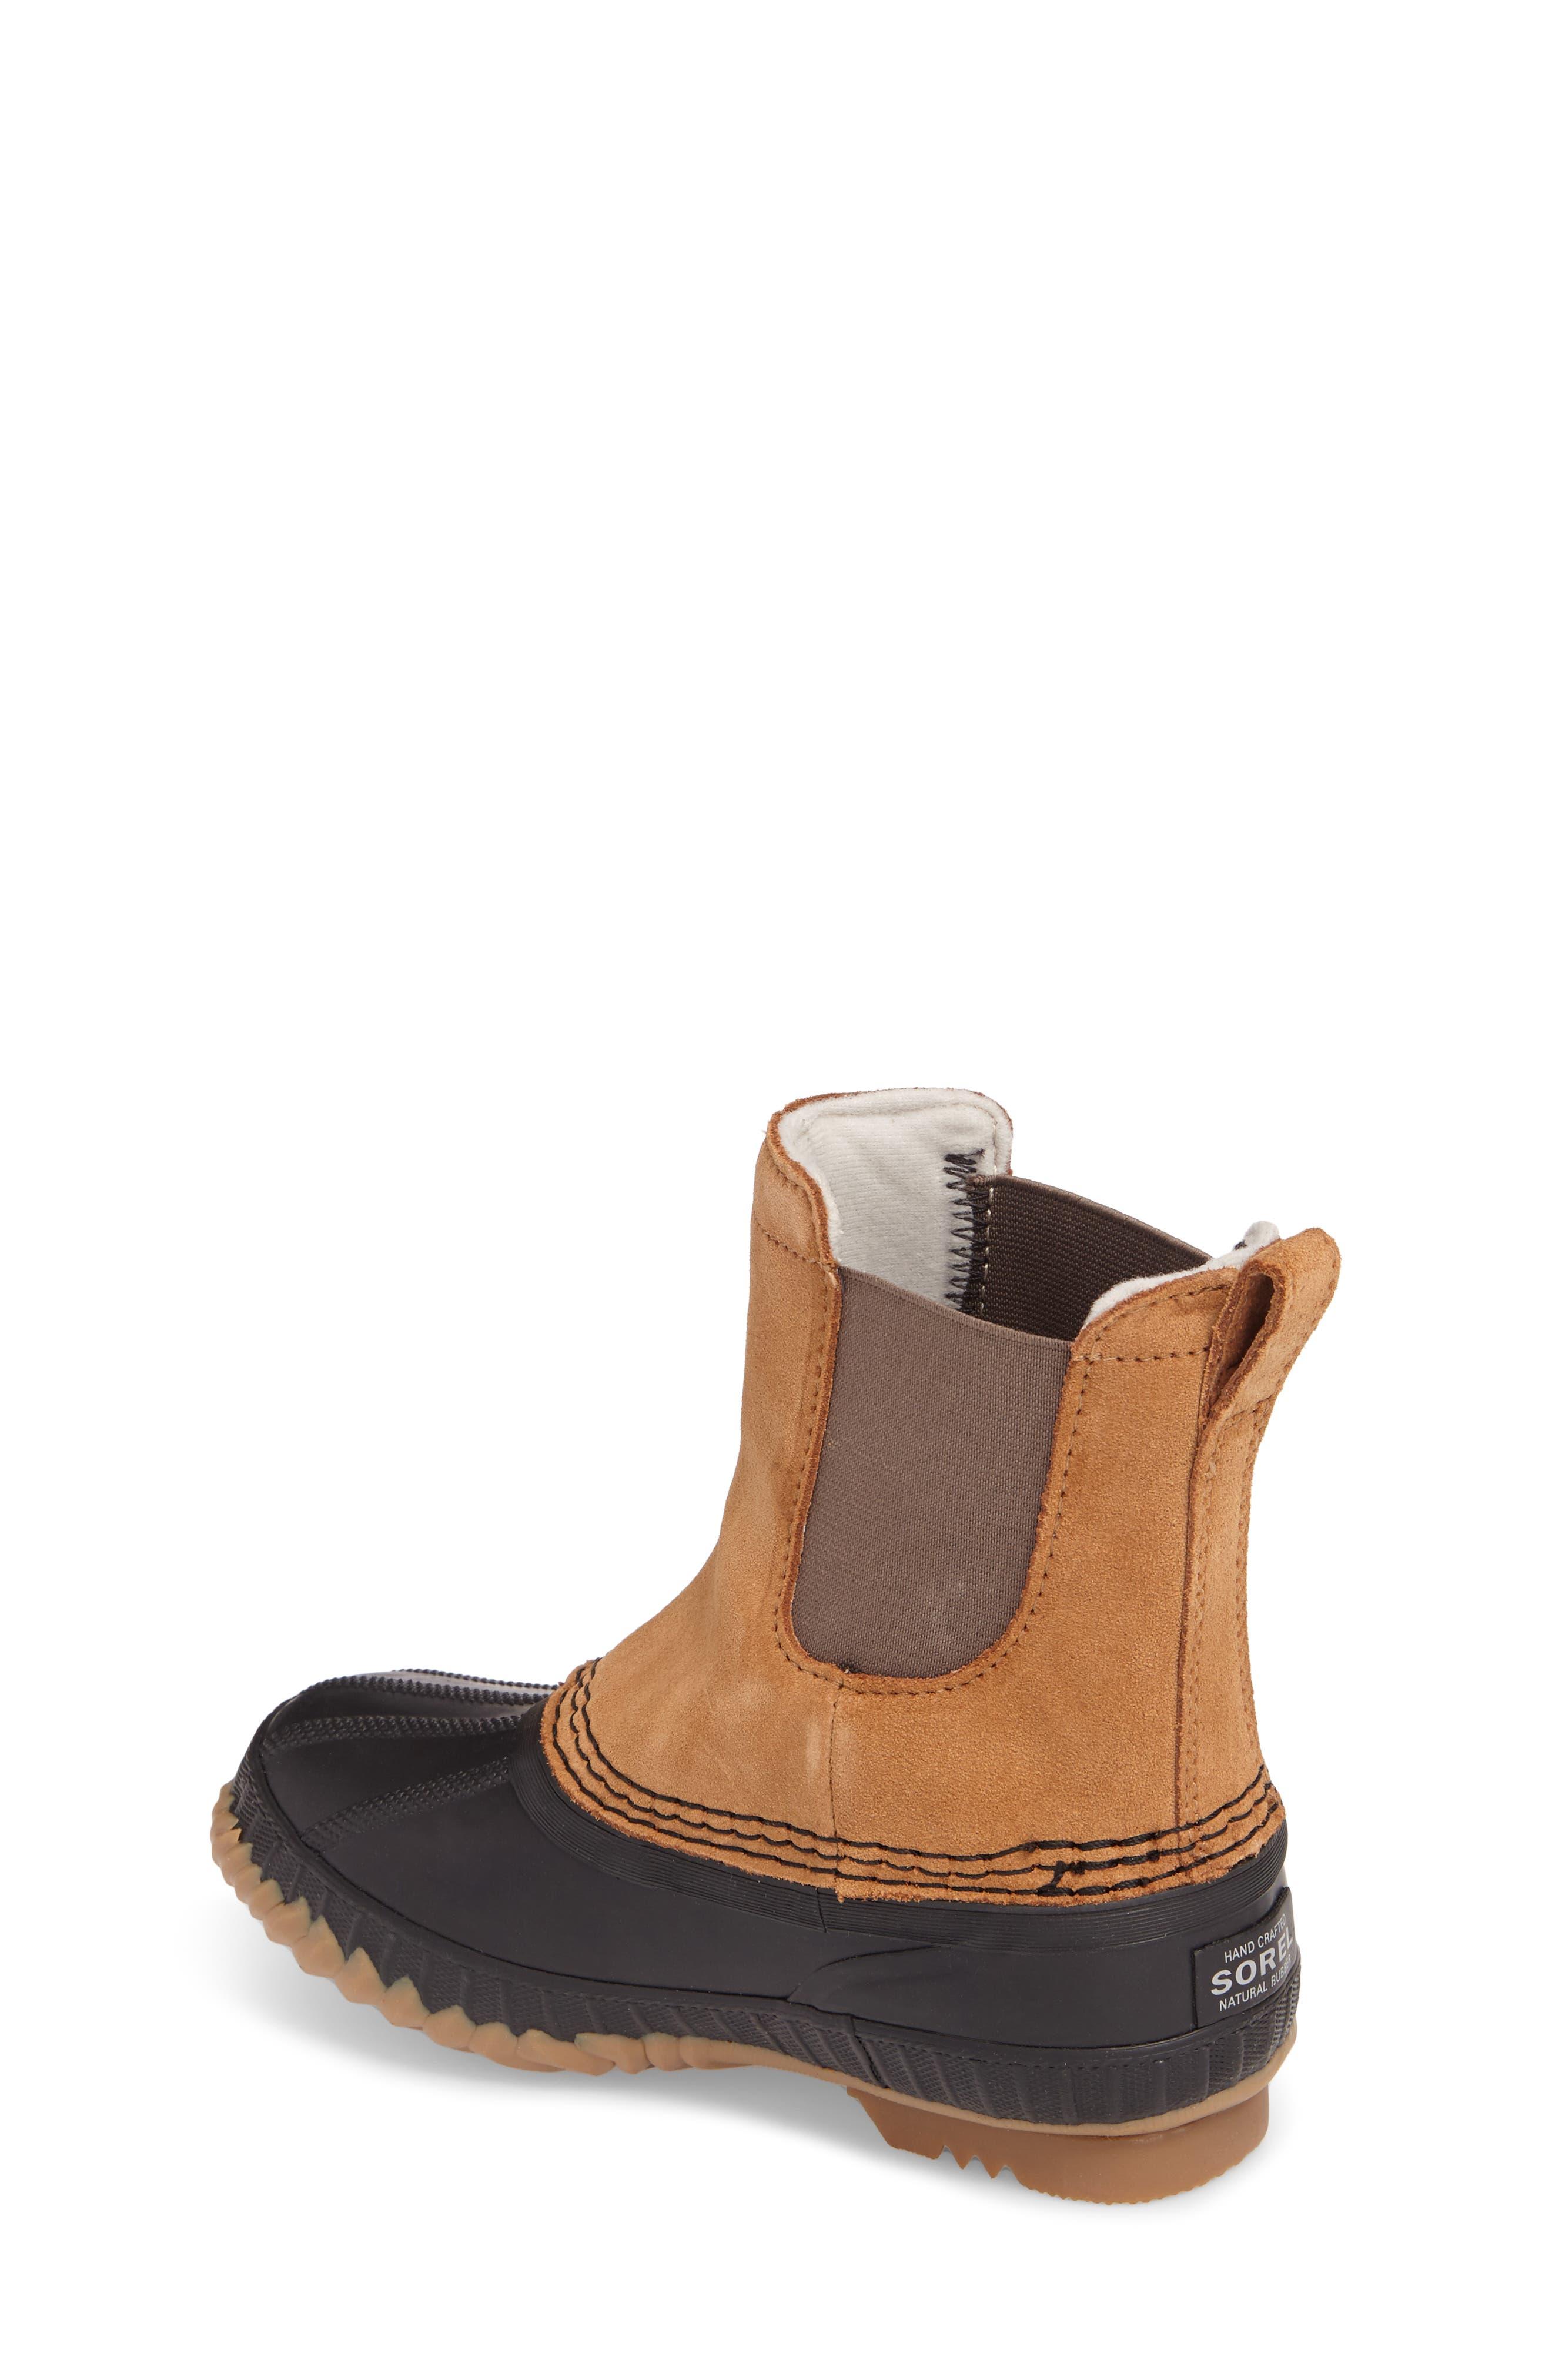 Cheyanne II Waterproof Insulated Chelsea Boot,                             Alternate thumbnail 2, color,                             Elk/ Black